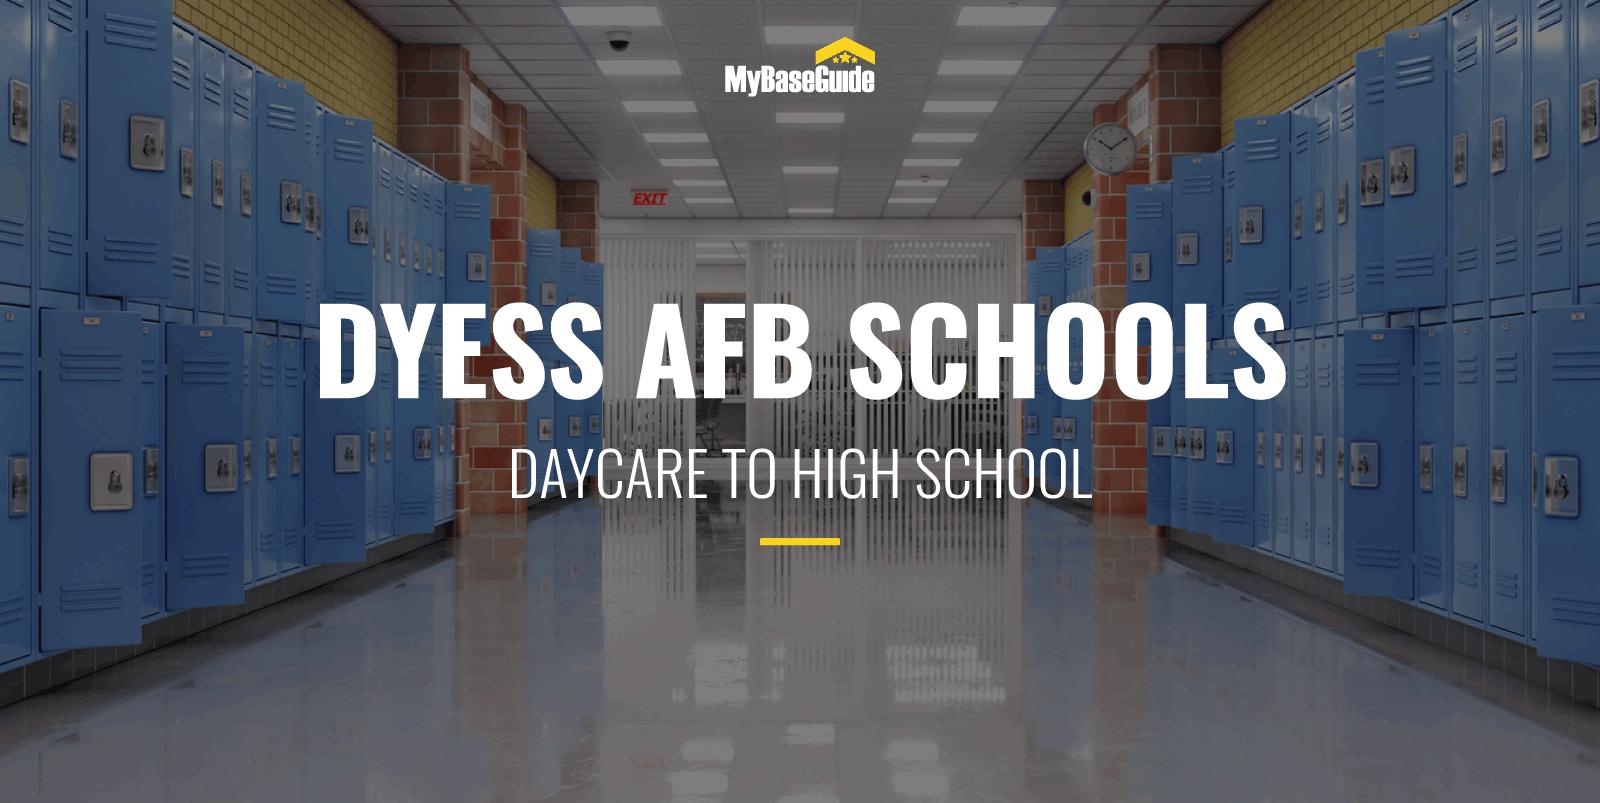 Dyess AFB Schools: Daycare - High School